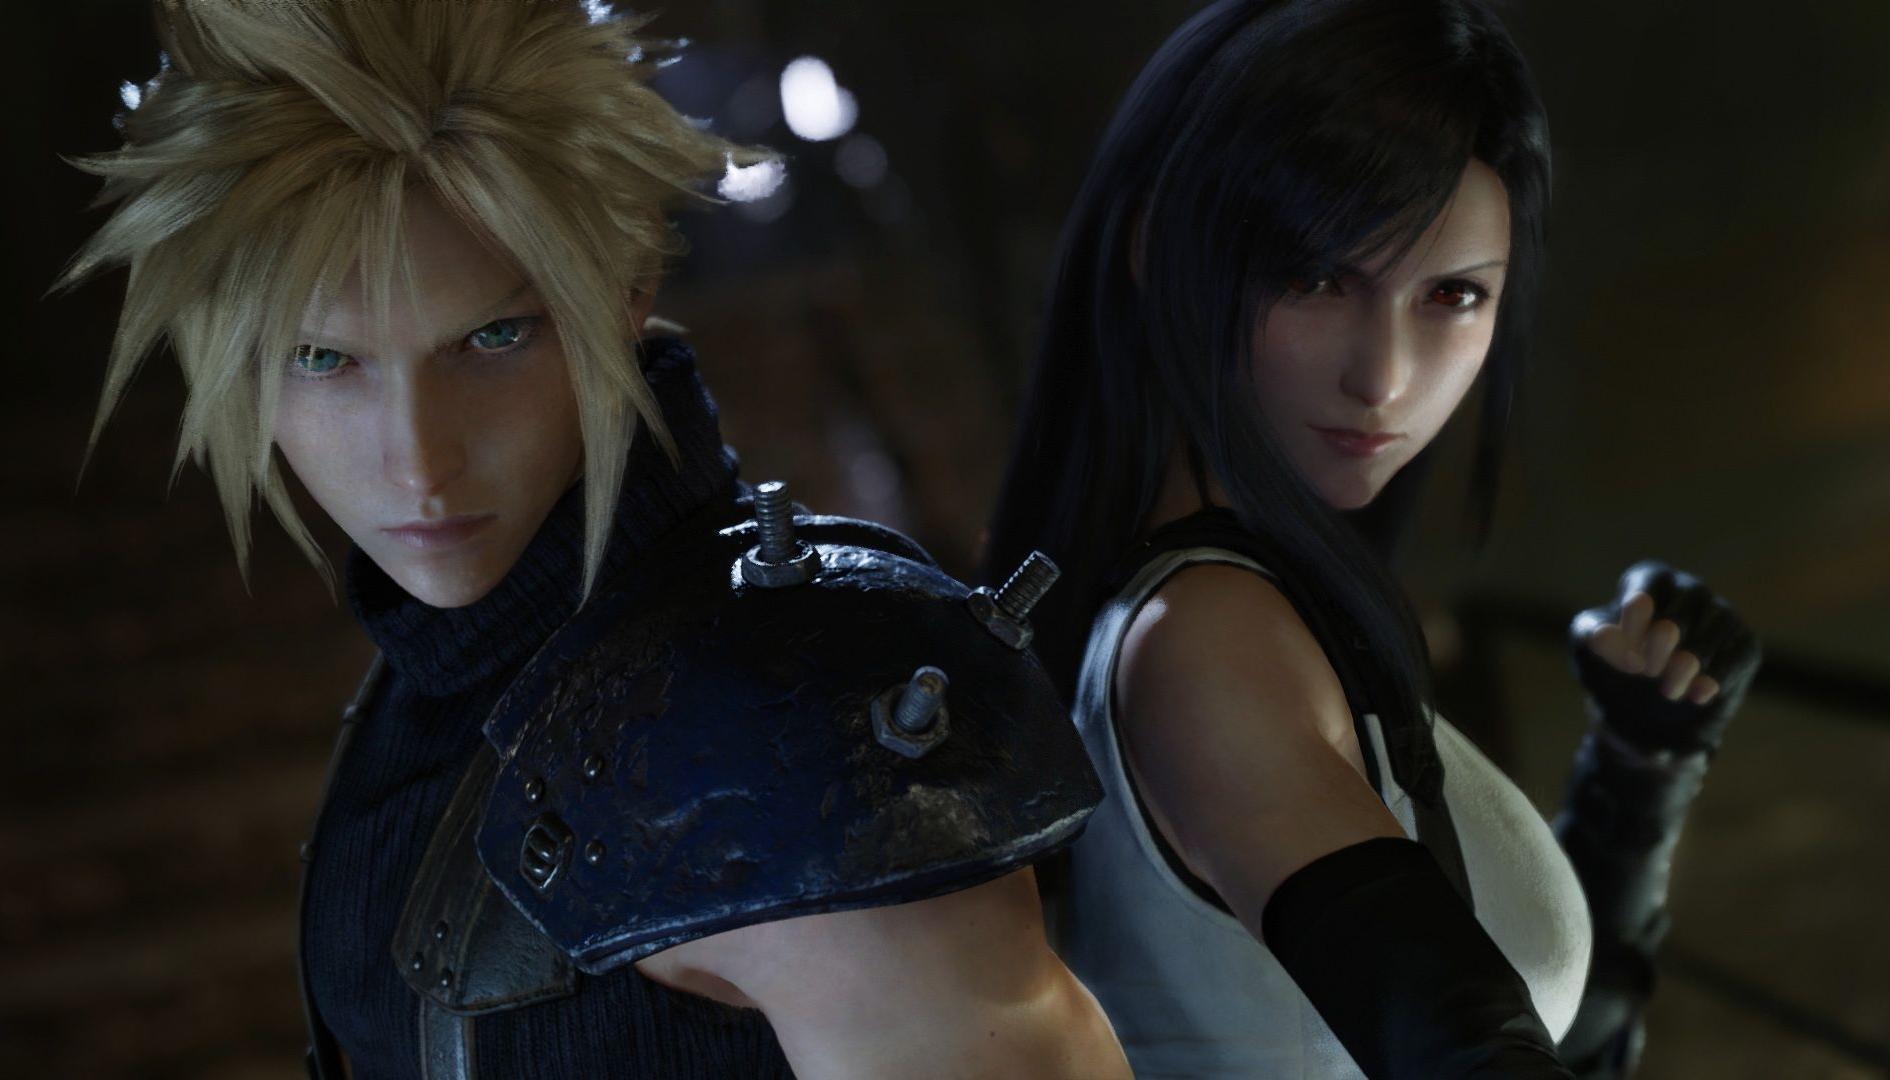 Final Fantasy 7 Remake, il secondo episodio uscirà il prima possibile secondo Nomura